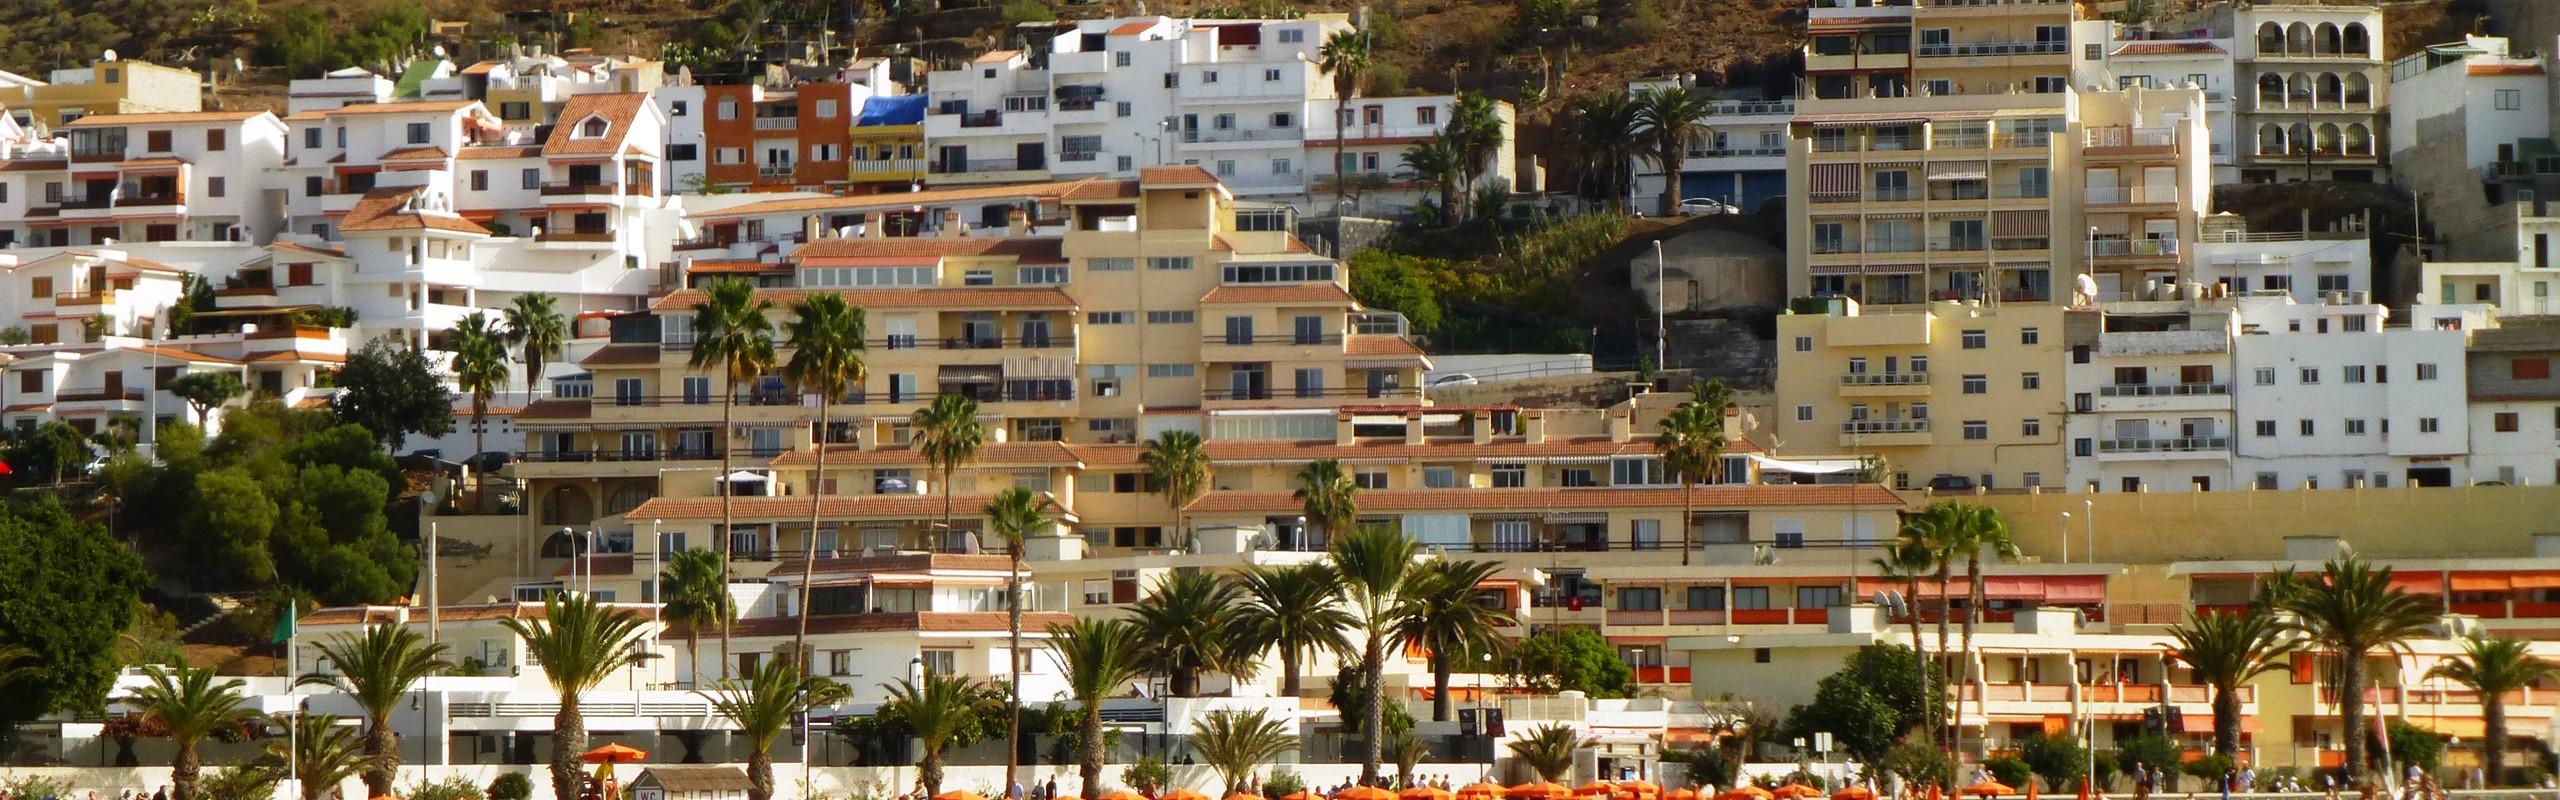 Casas de Playa (Villas)